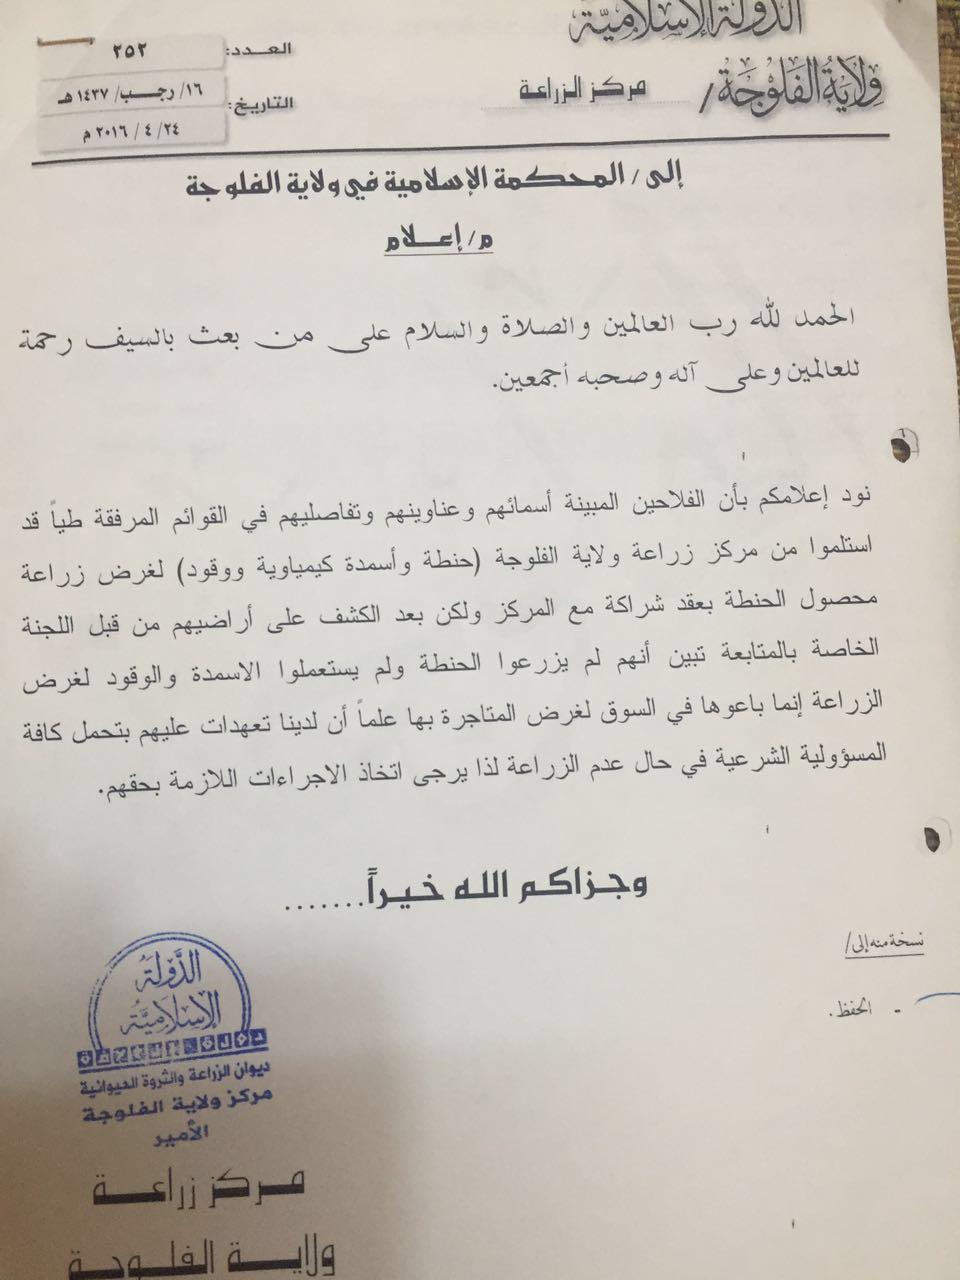 عراق نيوز : ننفرد بنشر الكتب والخطابات المتداوله بين عناصر داعش الارهابيه